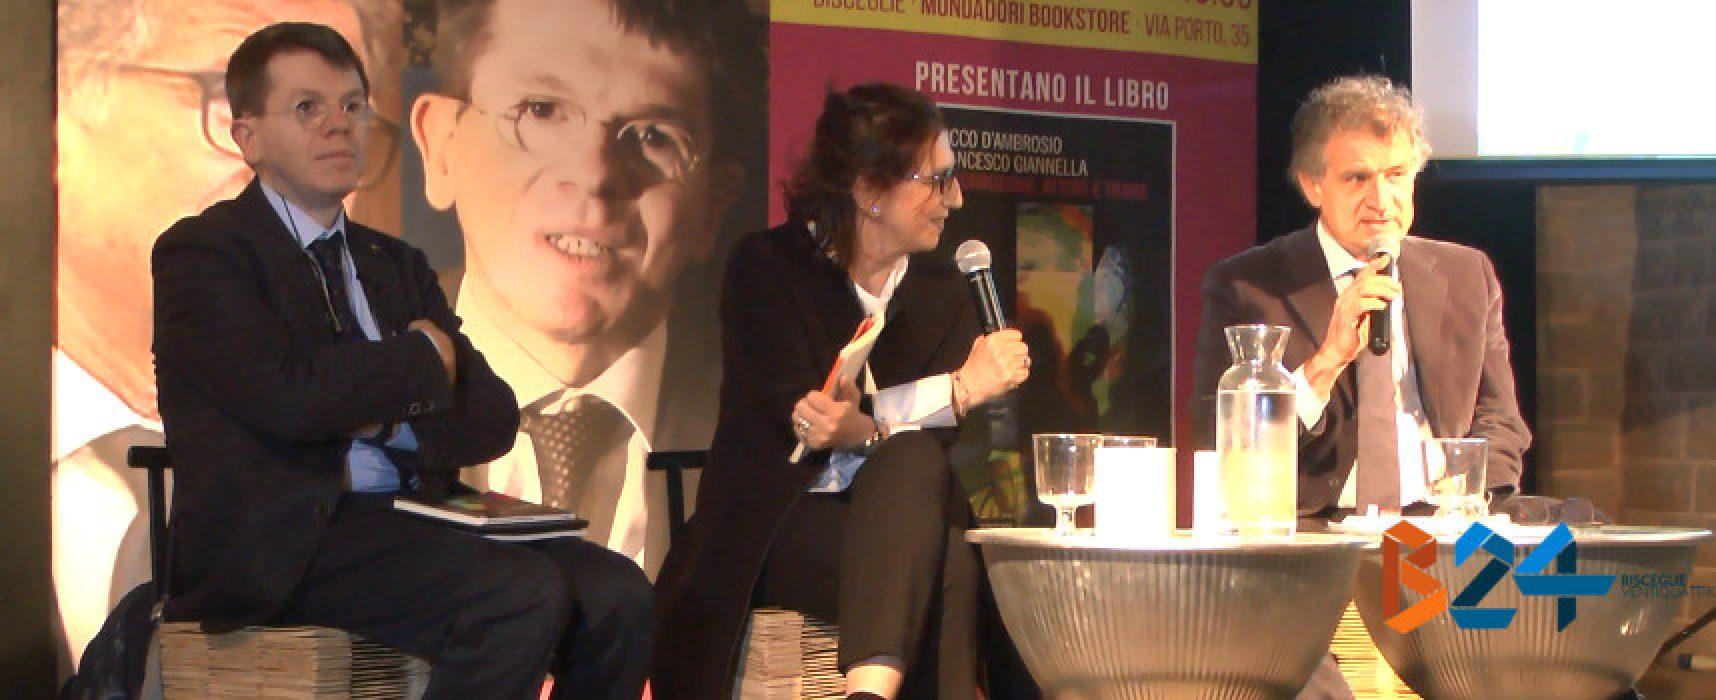 Corruzione, alle Vecchie Segherie dialogo tra procuratore Giannella e sacerdote D'Ambrosio / VIDEO